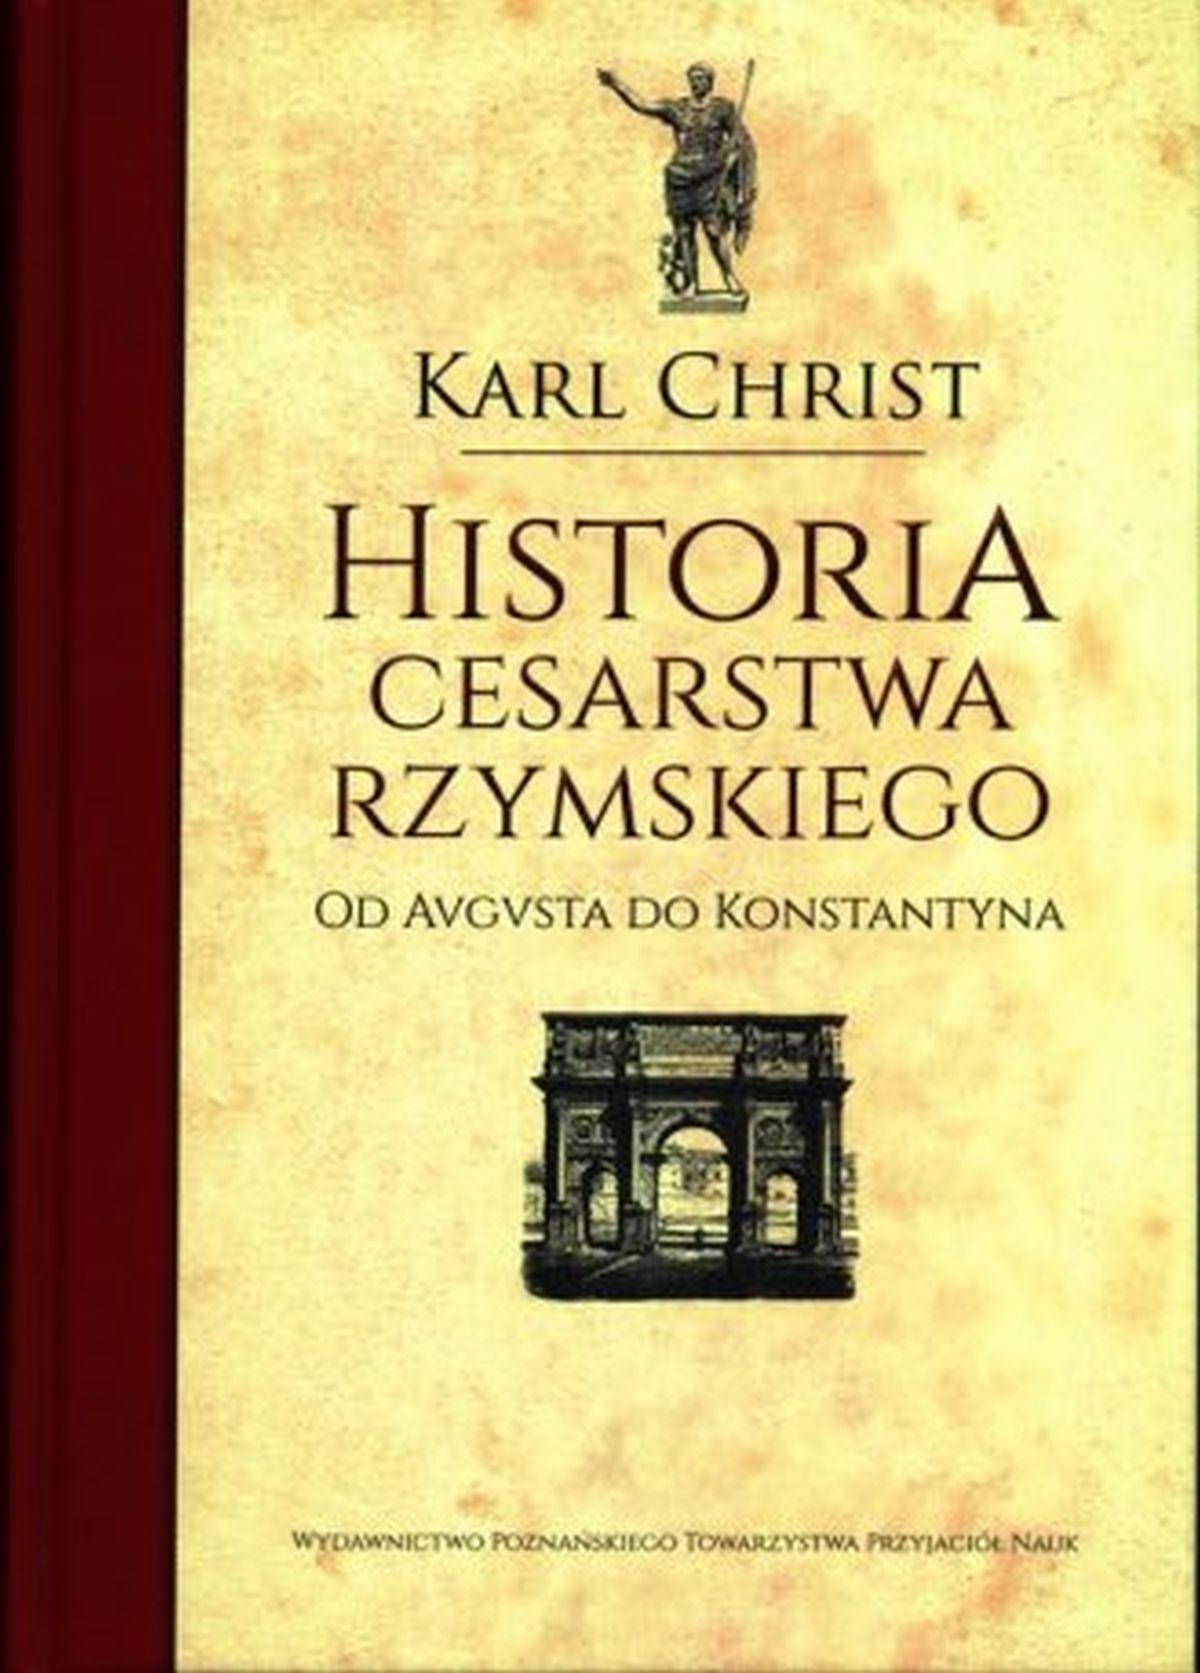 Karl Christ, Historia cesarstwa rzymskiego